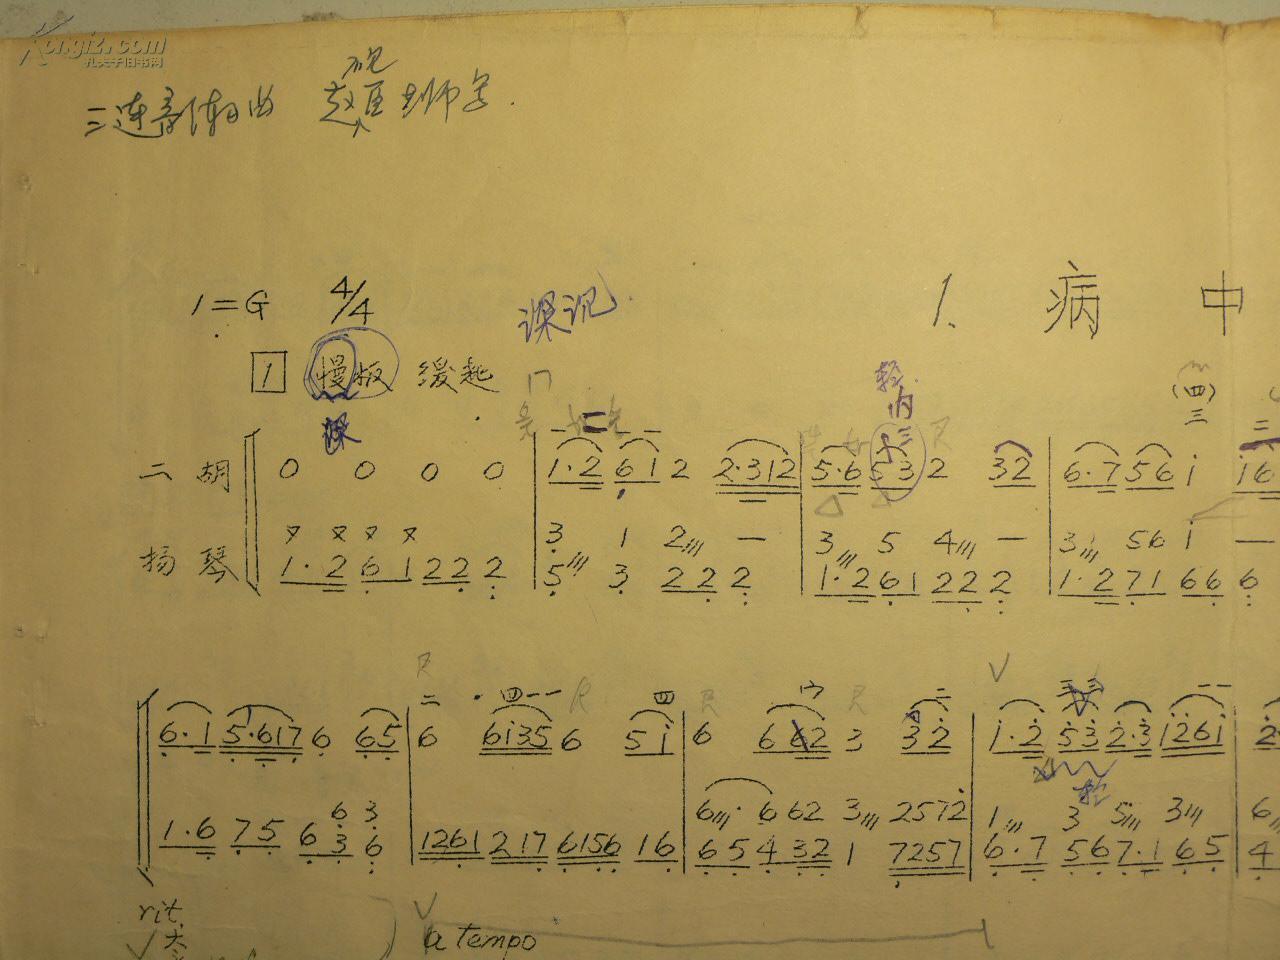 """刘天华二胡独奏曲十首 扬琴伴奏(1981年油印本,附""""二泉映月,听松,阳关图片"""